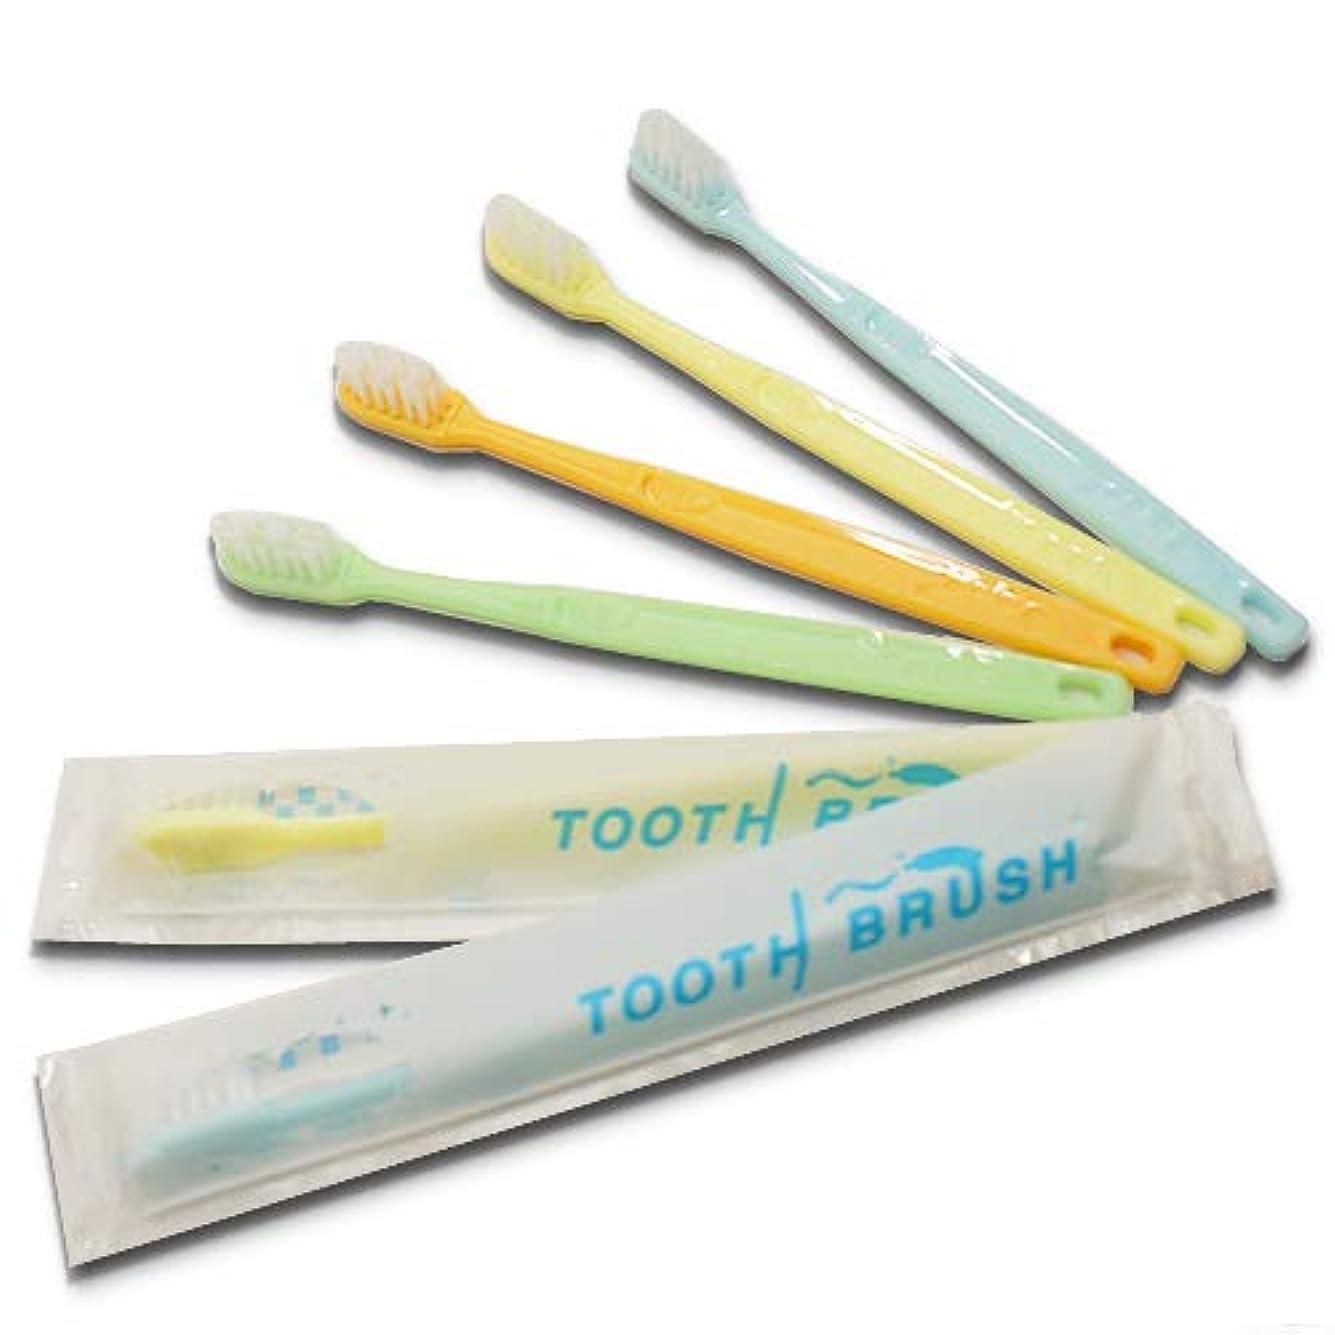 によってまたね建物業務用インスタントハブラシ 100本 歯みがき粉付着タイプ 国産│使い捨て歯ブラシ 激安 カラー ビジネスホテル宿泊施設で